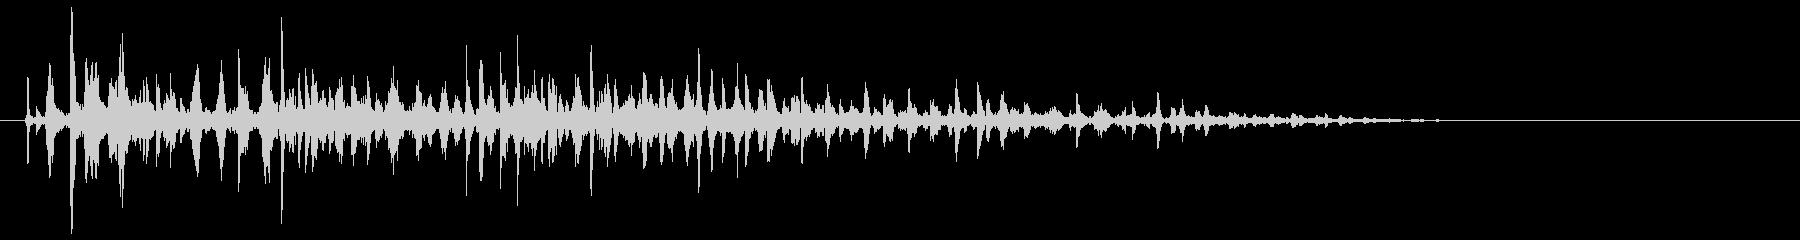 ブクブク(泡のような音) B02の未再生の波形